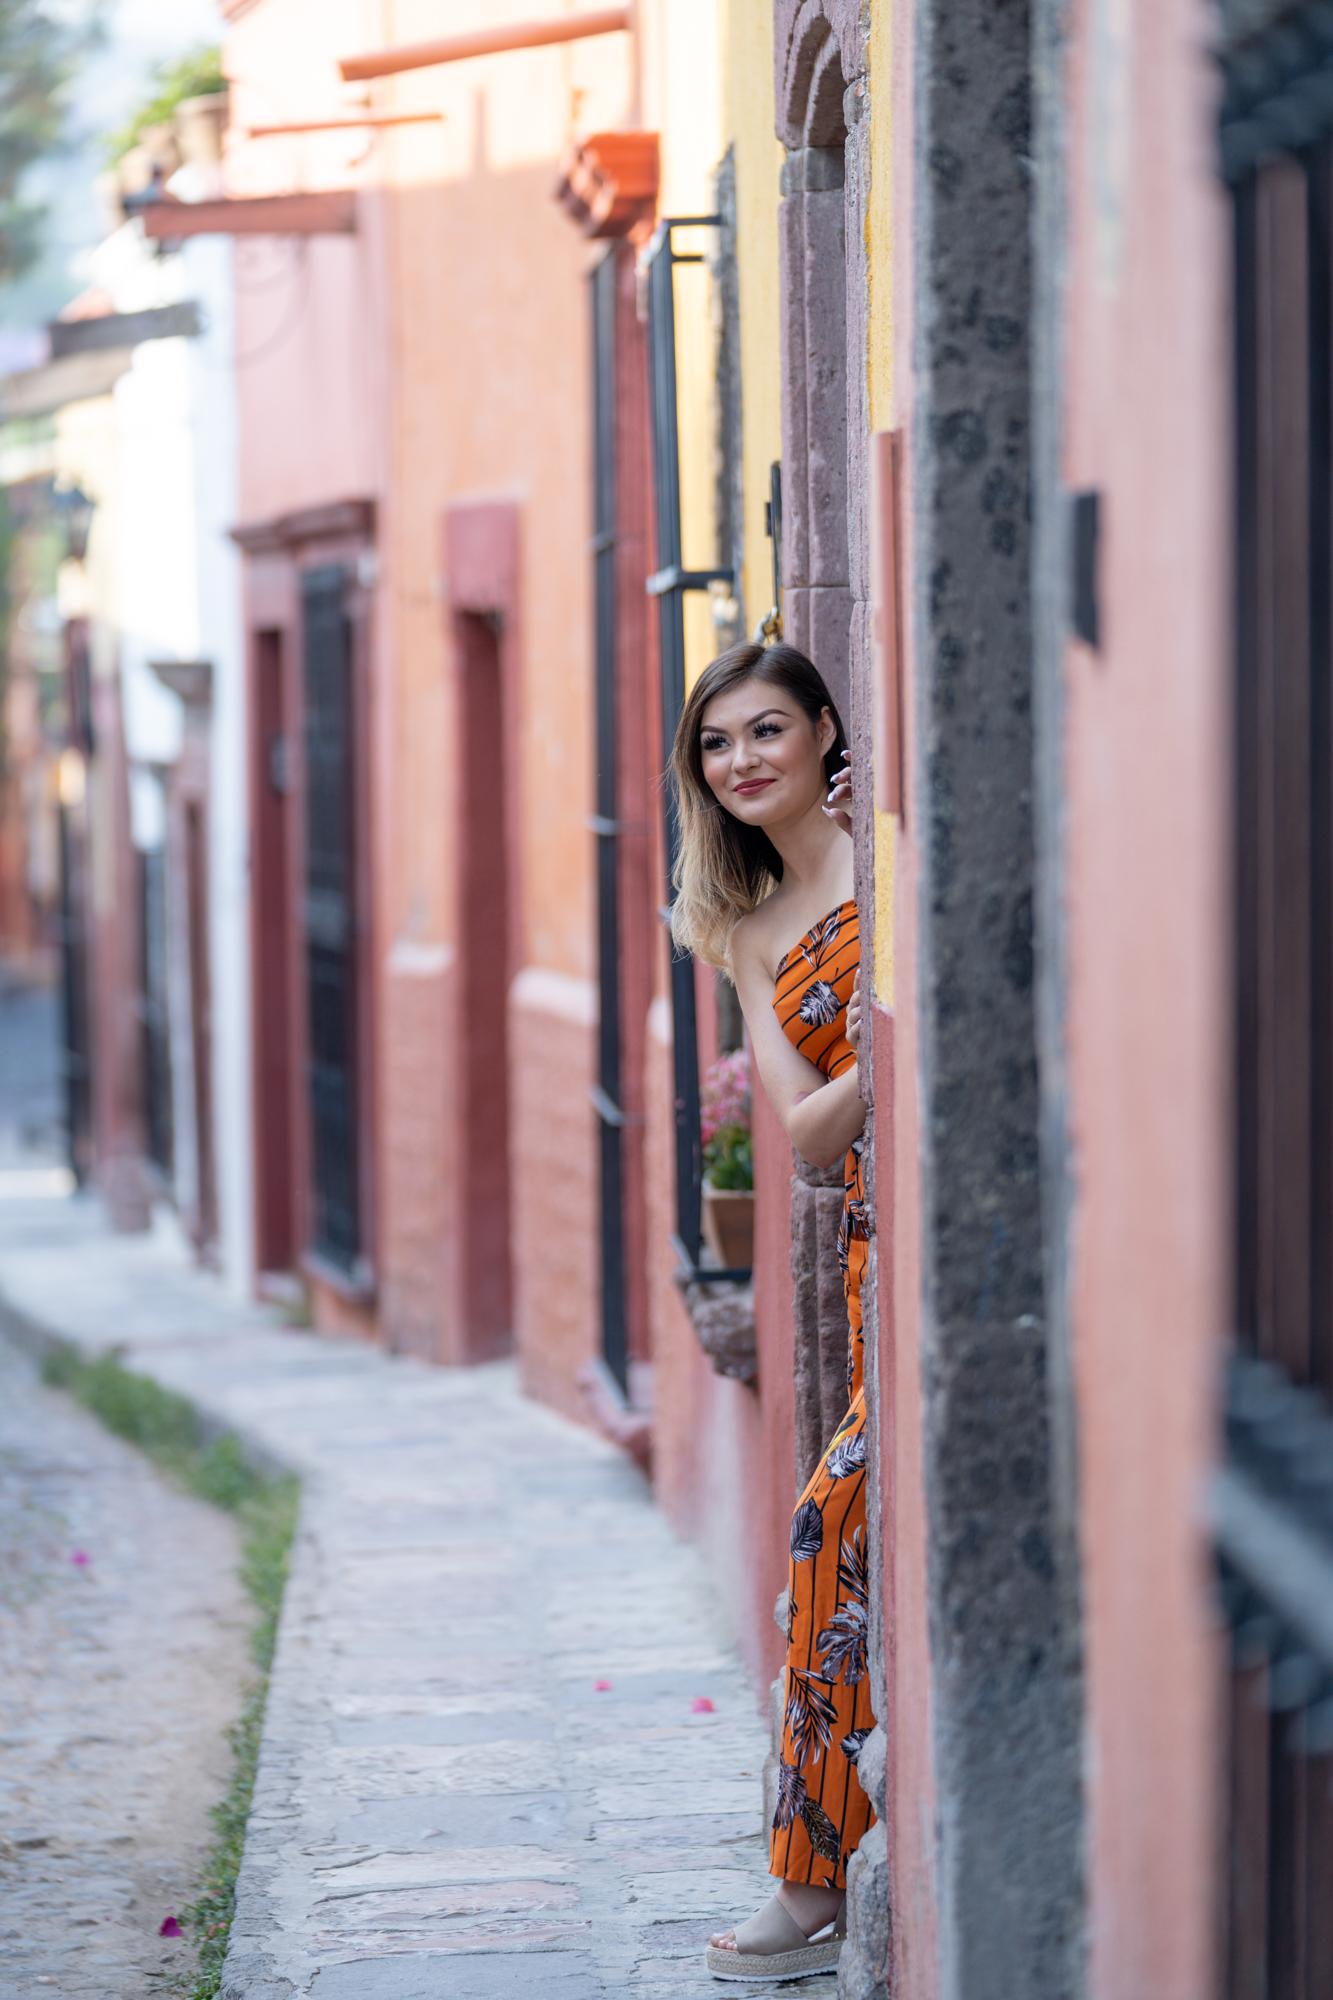 Sesion de Fotos en San Miguel de Allende con Rogelio y su Fmailia-15.jpg